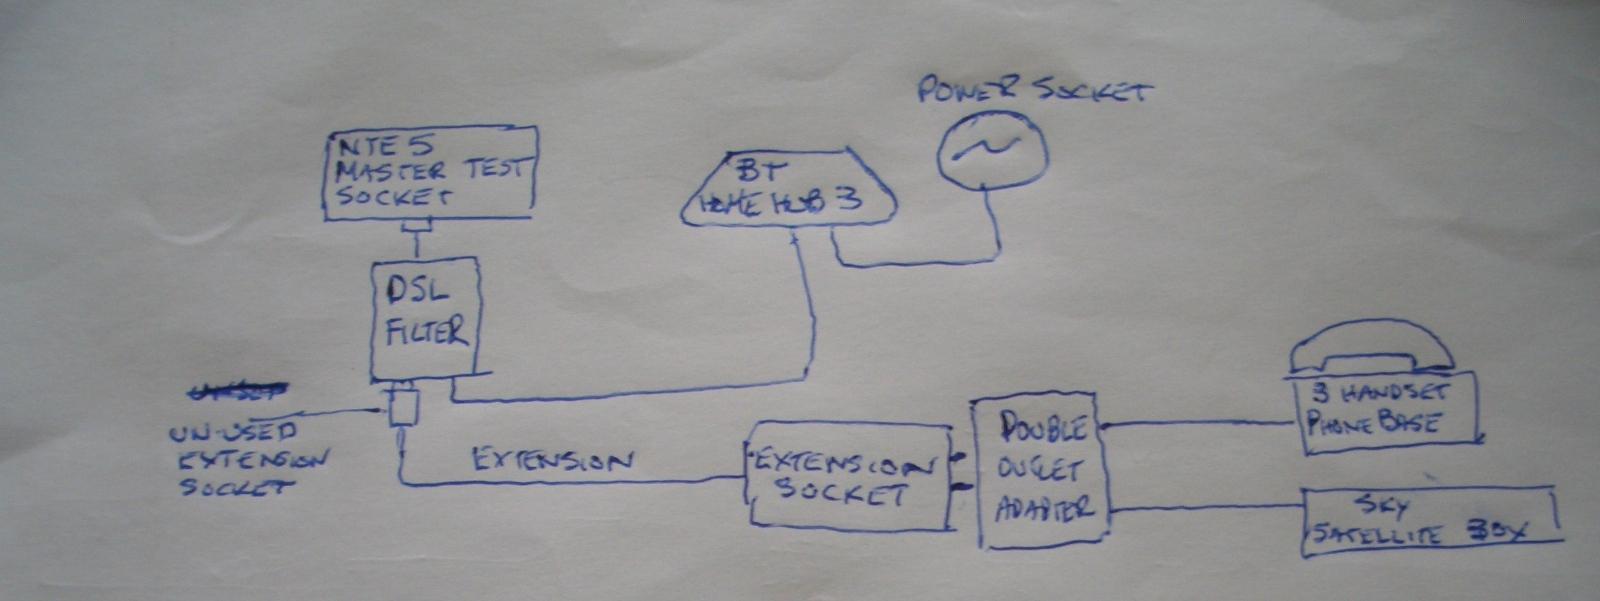 bt infinity wiring diagram wiring diagram blog passive optical network bt infinity wiring diagram [ 1600 x 601 Pixel ]